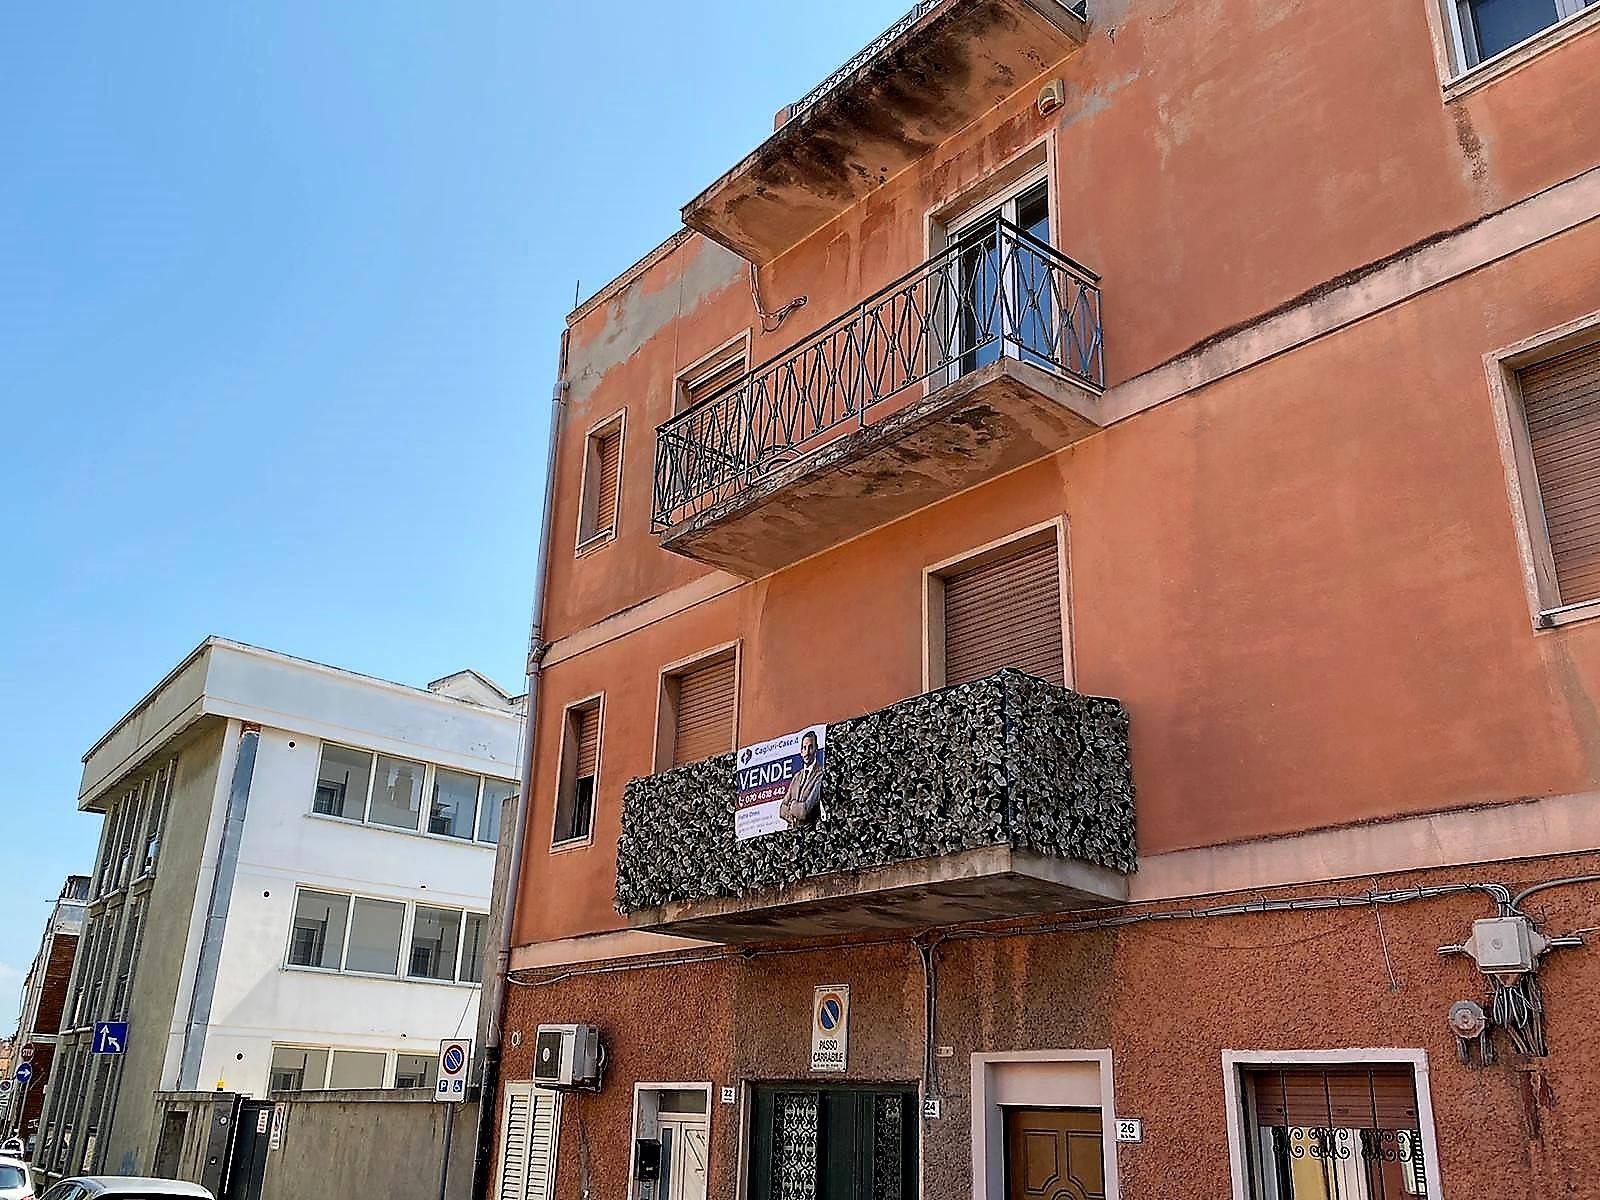 Appartamento in vendita a Cagliari, 3 locali, zona Zona: Pirri, prezzo € 129.000 | CambioCasa.it